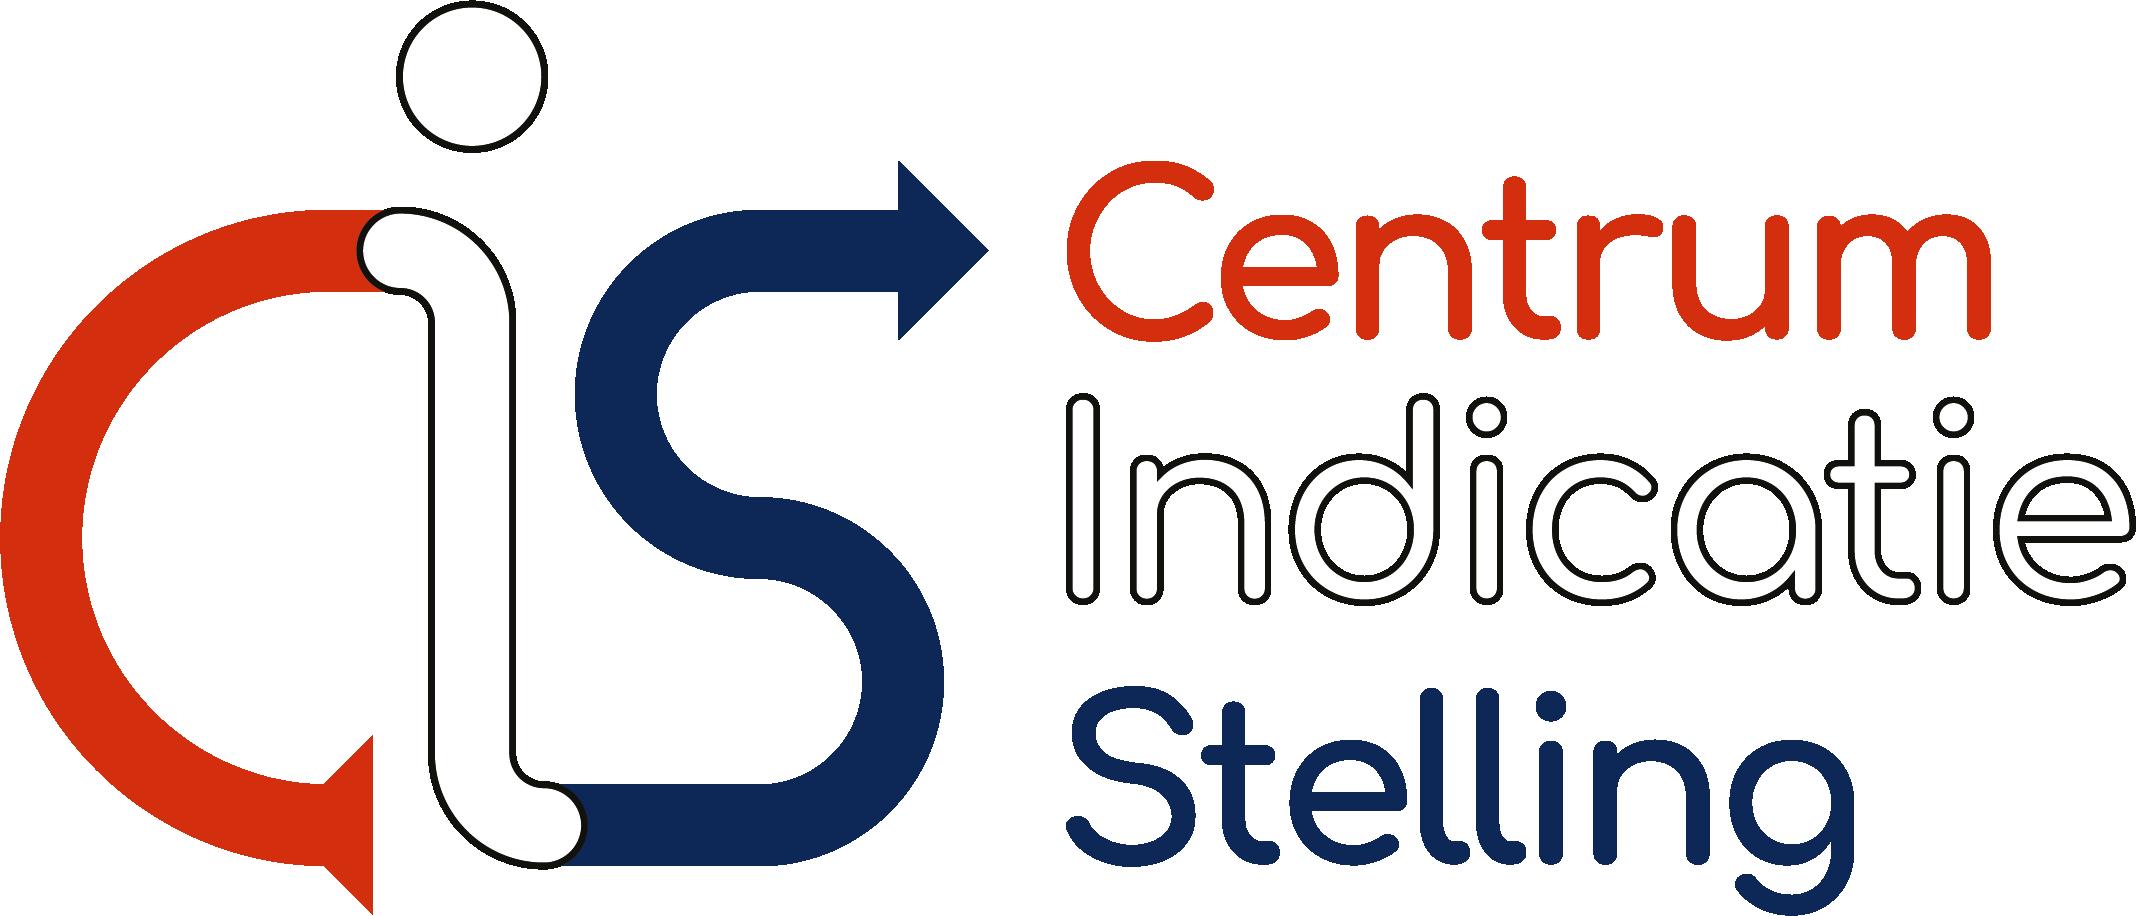 Centrum Indicatie Stelling